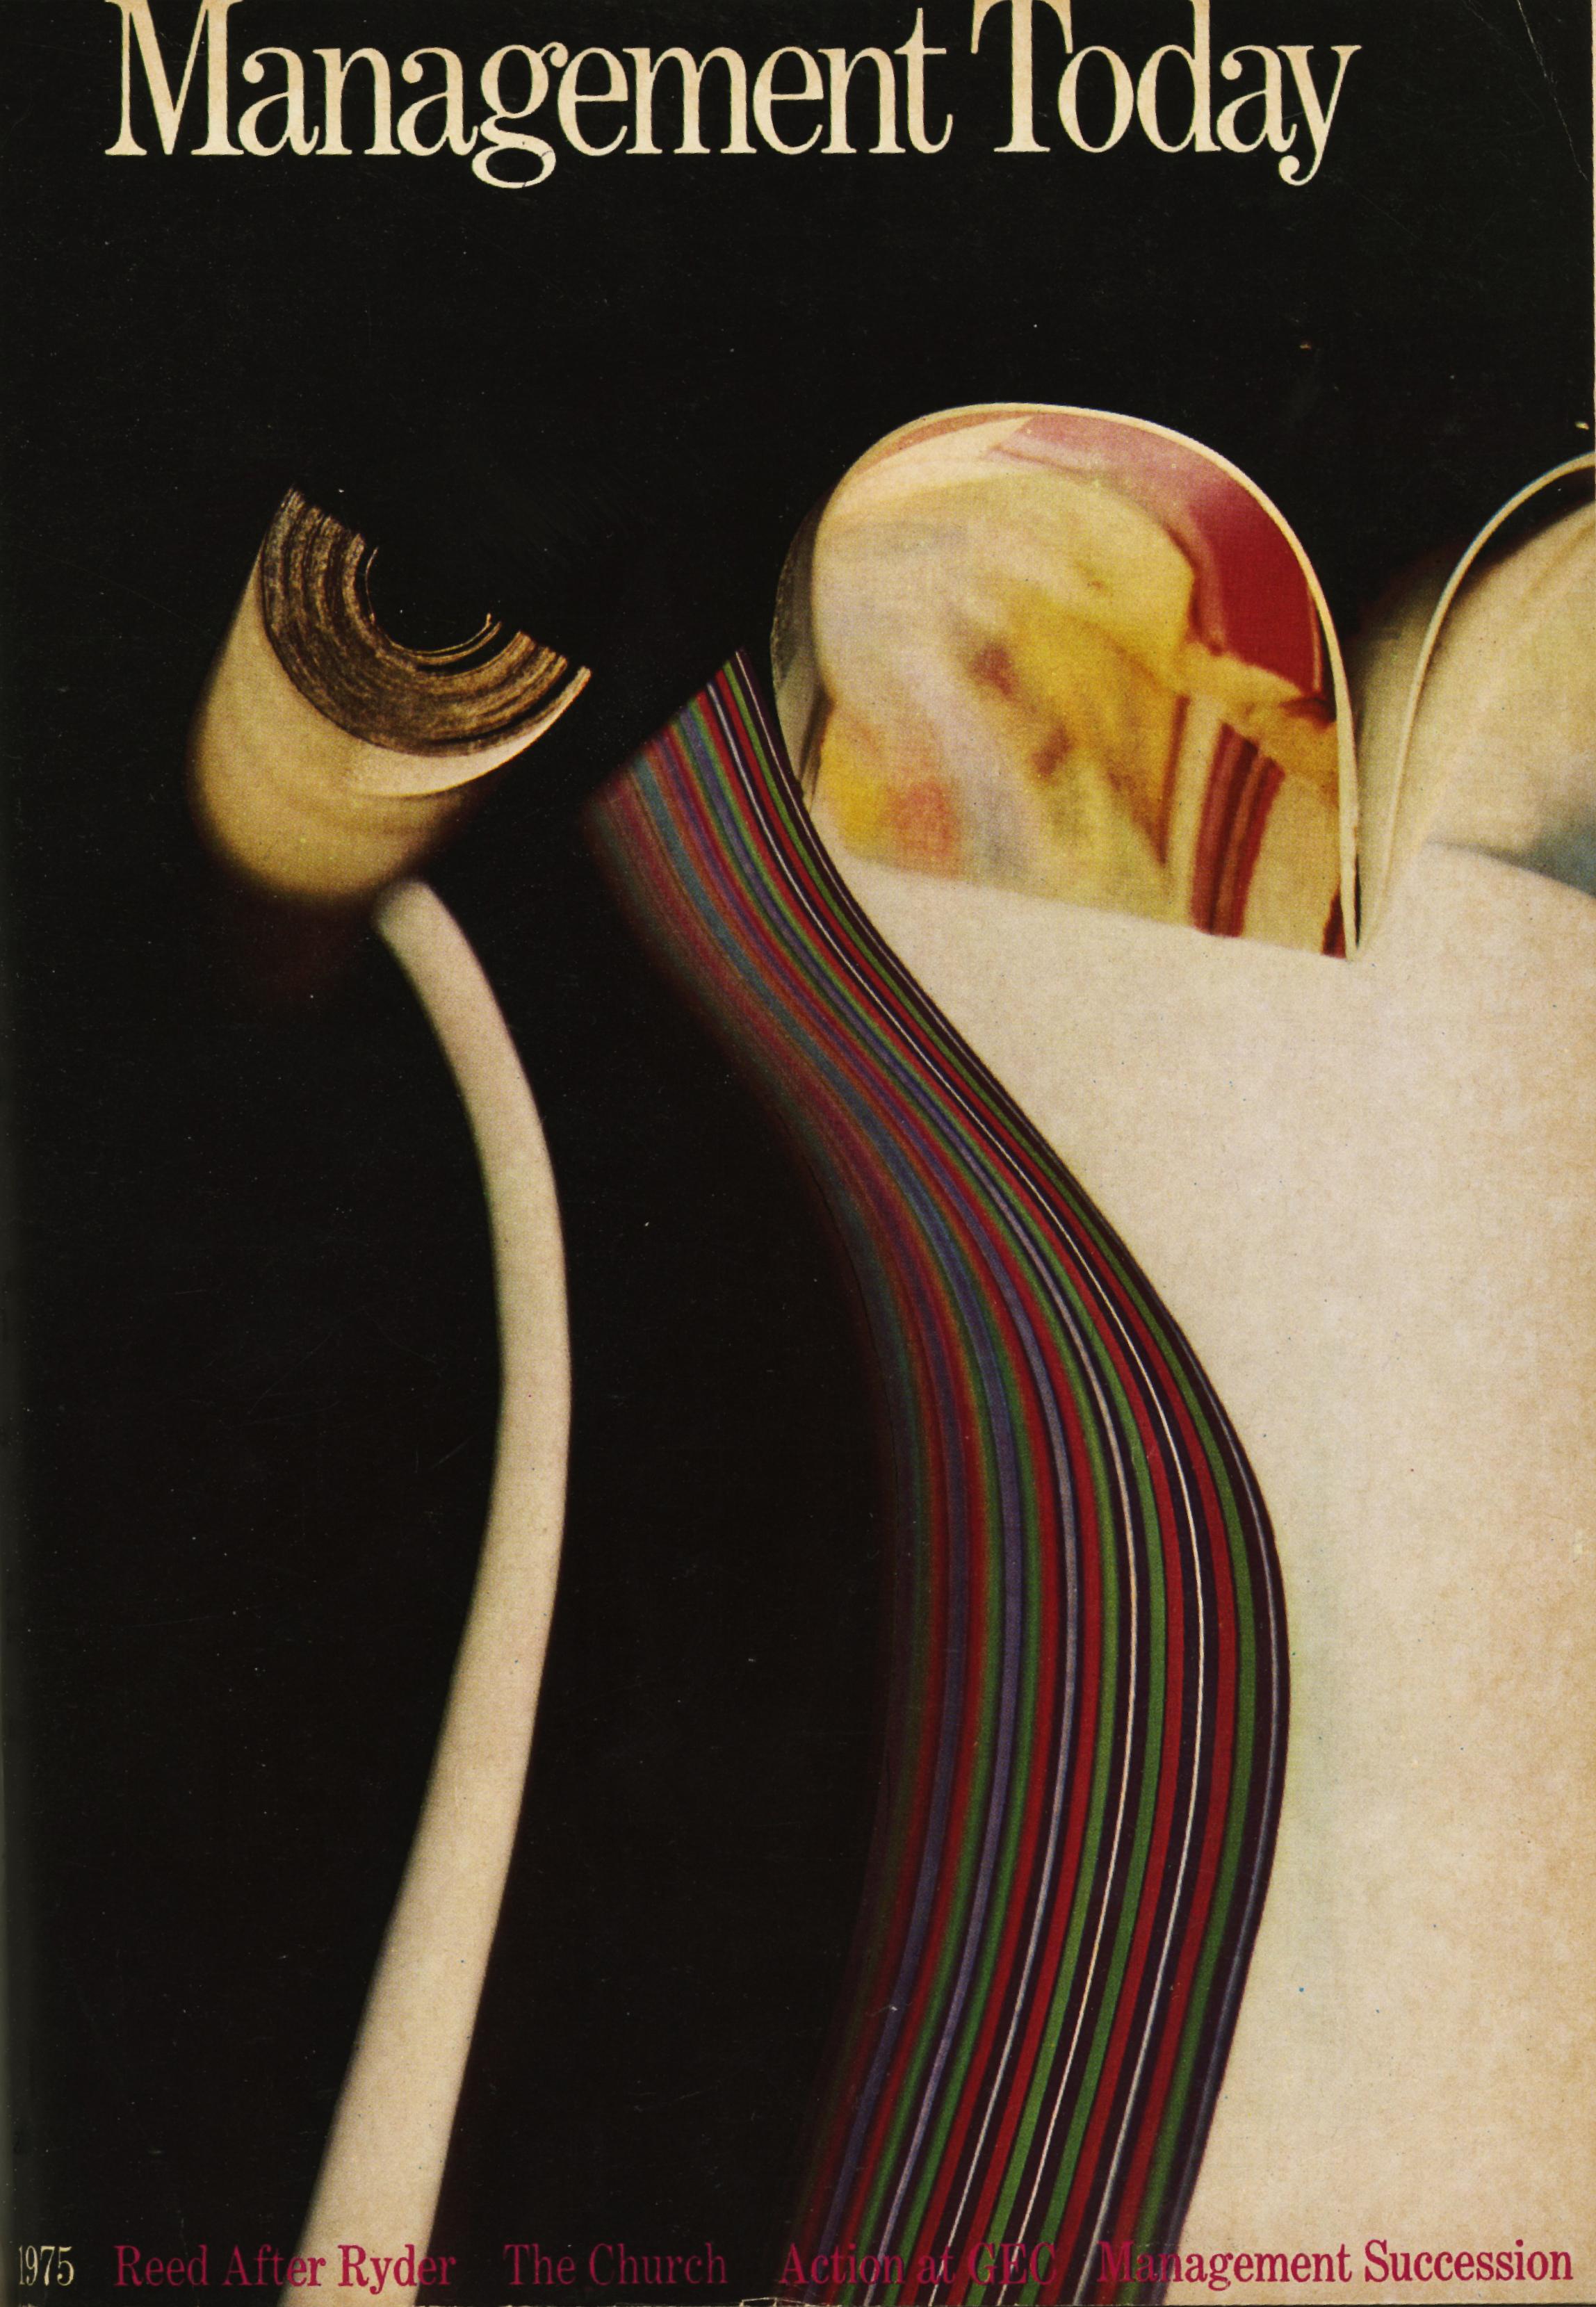 Lester Bookbinder, Management Today 'Stripes'**